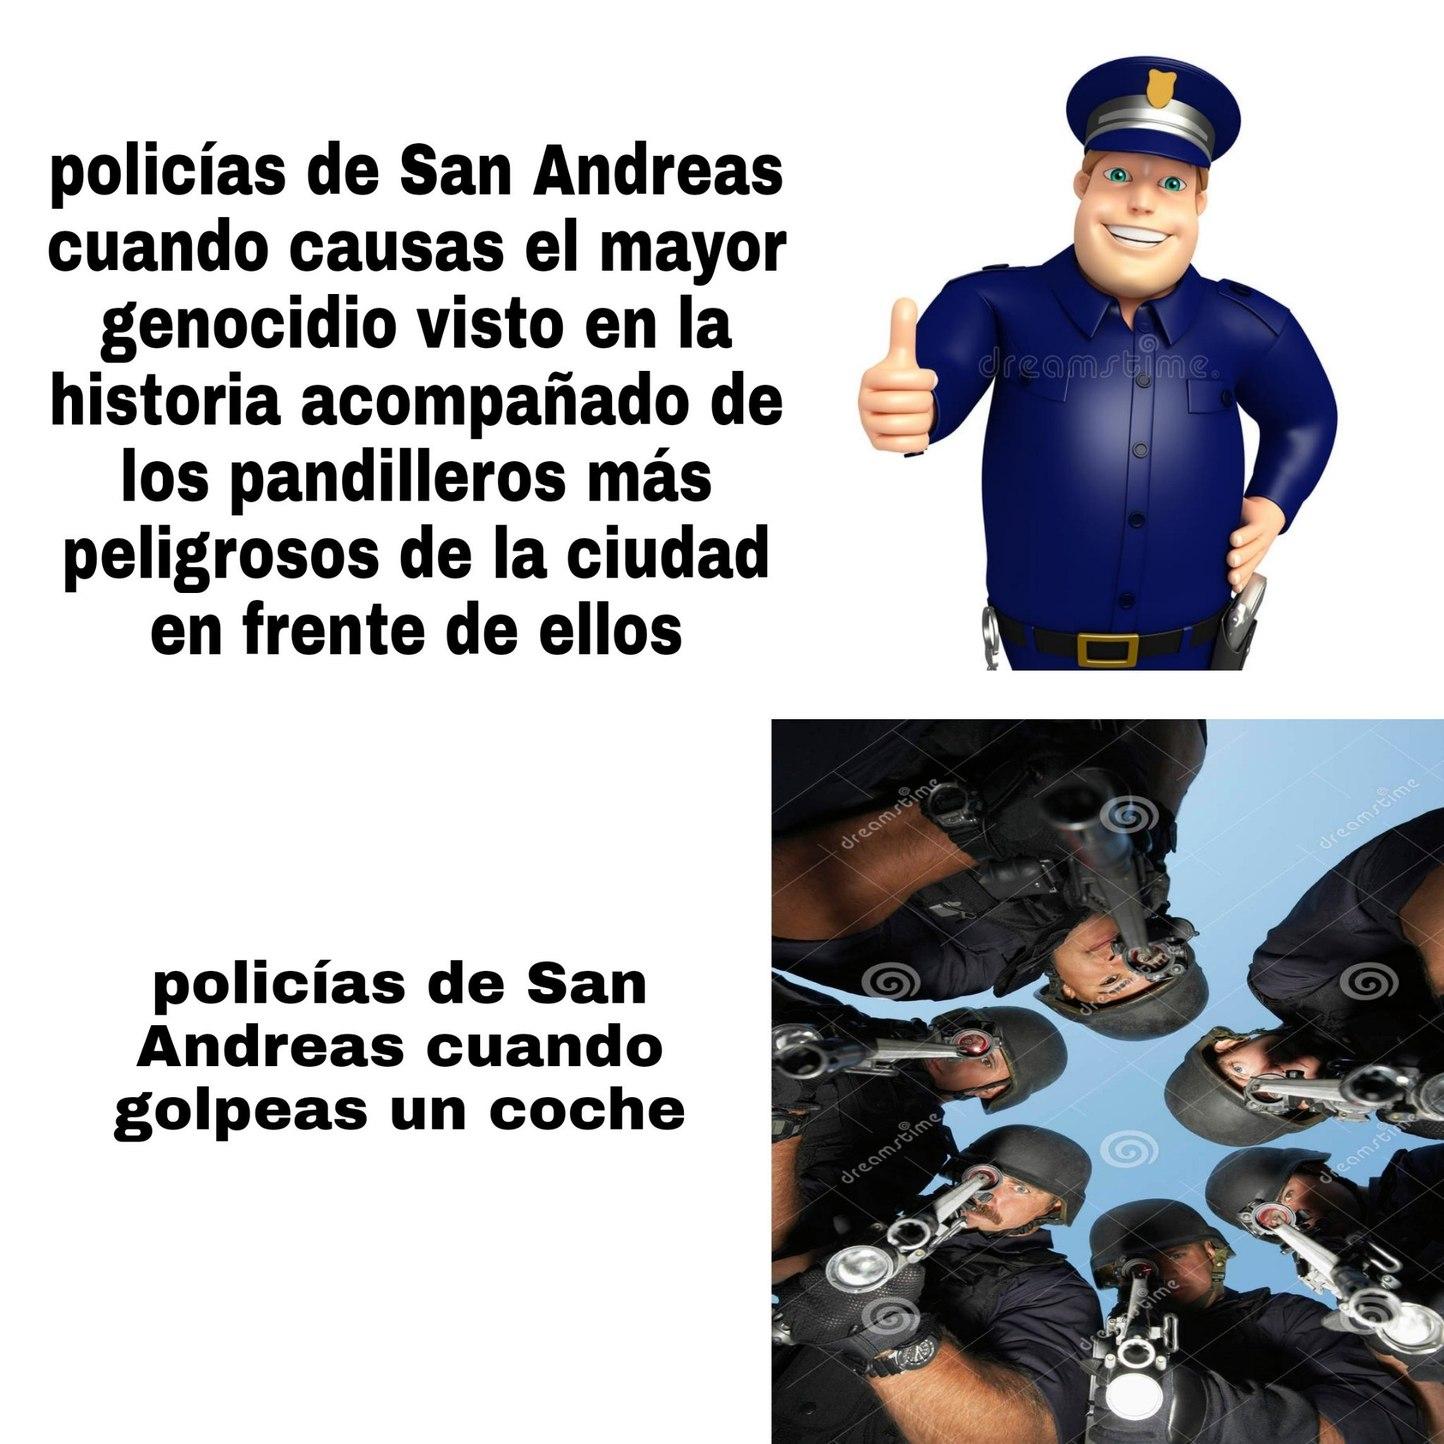 Me ando rejugando el GTA San Andreas ekisde - meme